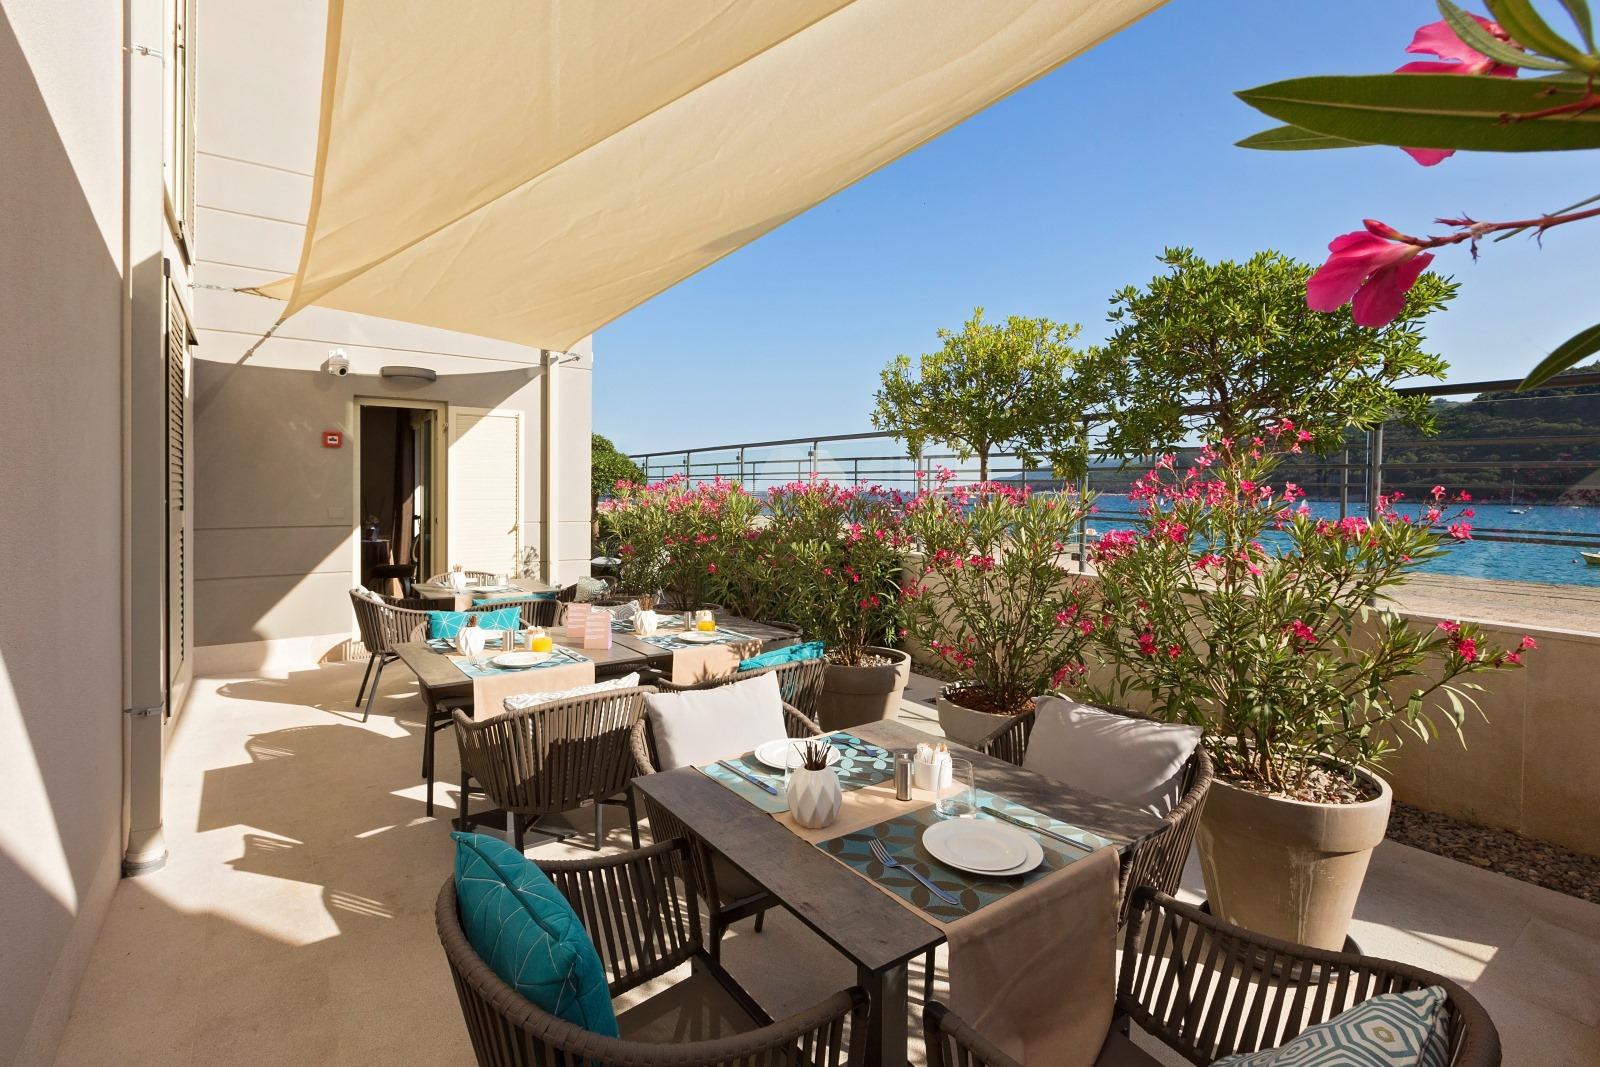 Boutique Hotel Adoral svojim elegantno uređenim ambijentom ostavlja bez daha